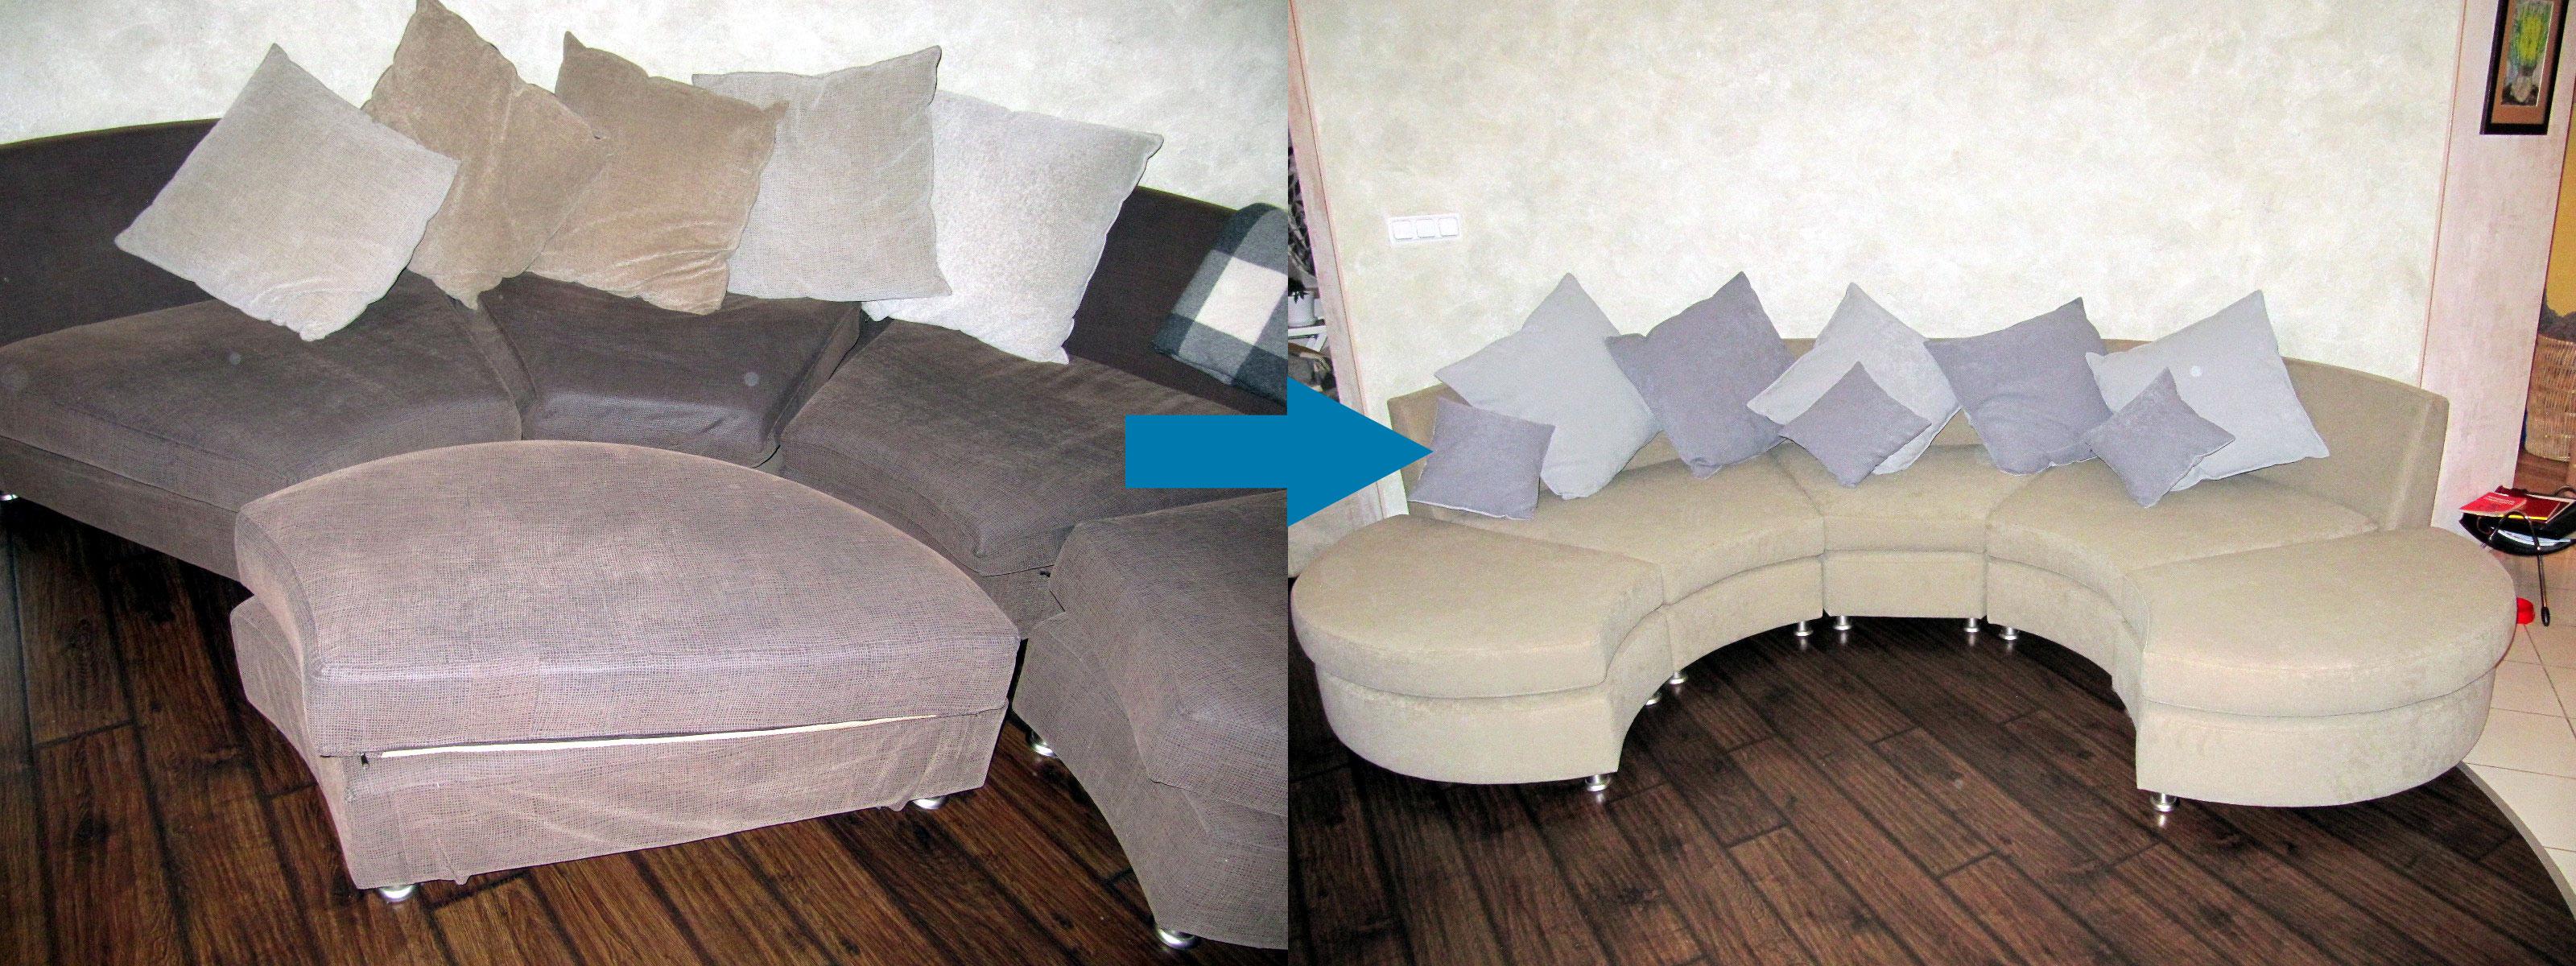 Пример обивки модульной мебели